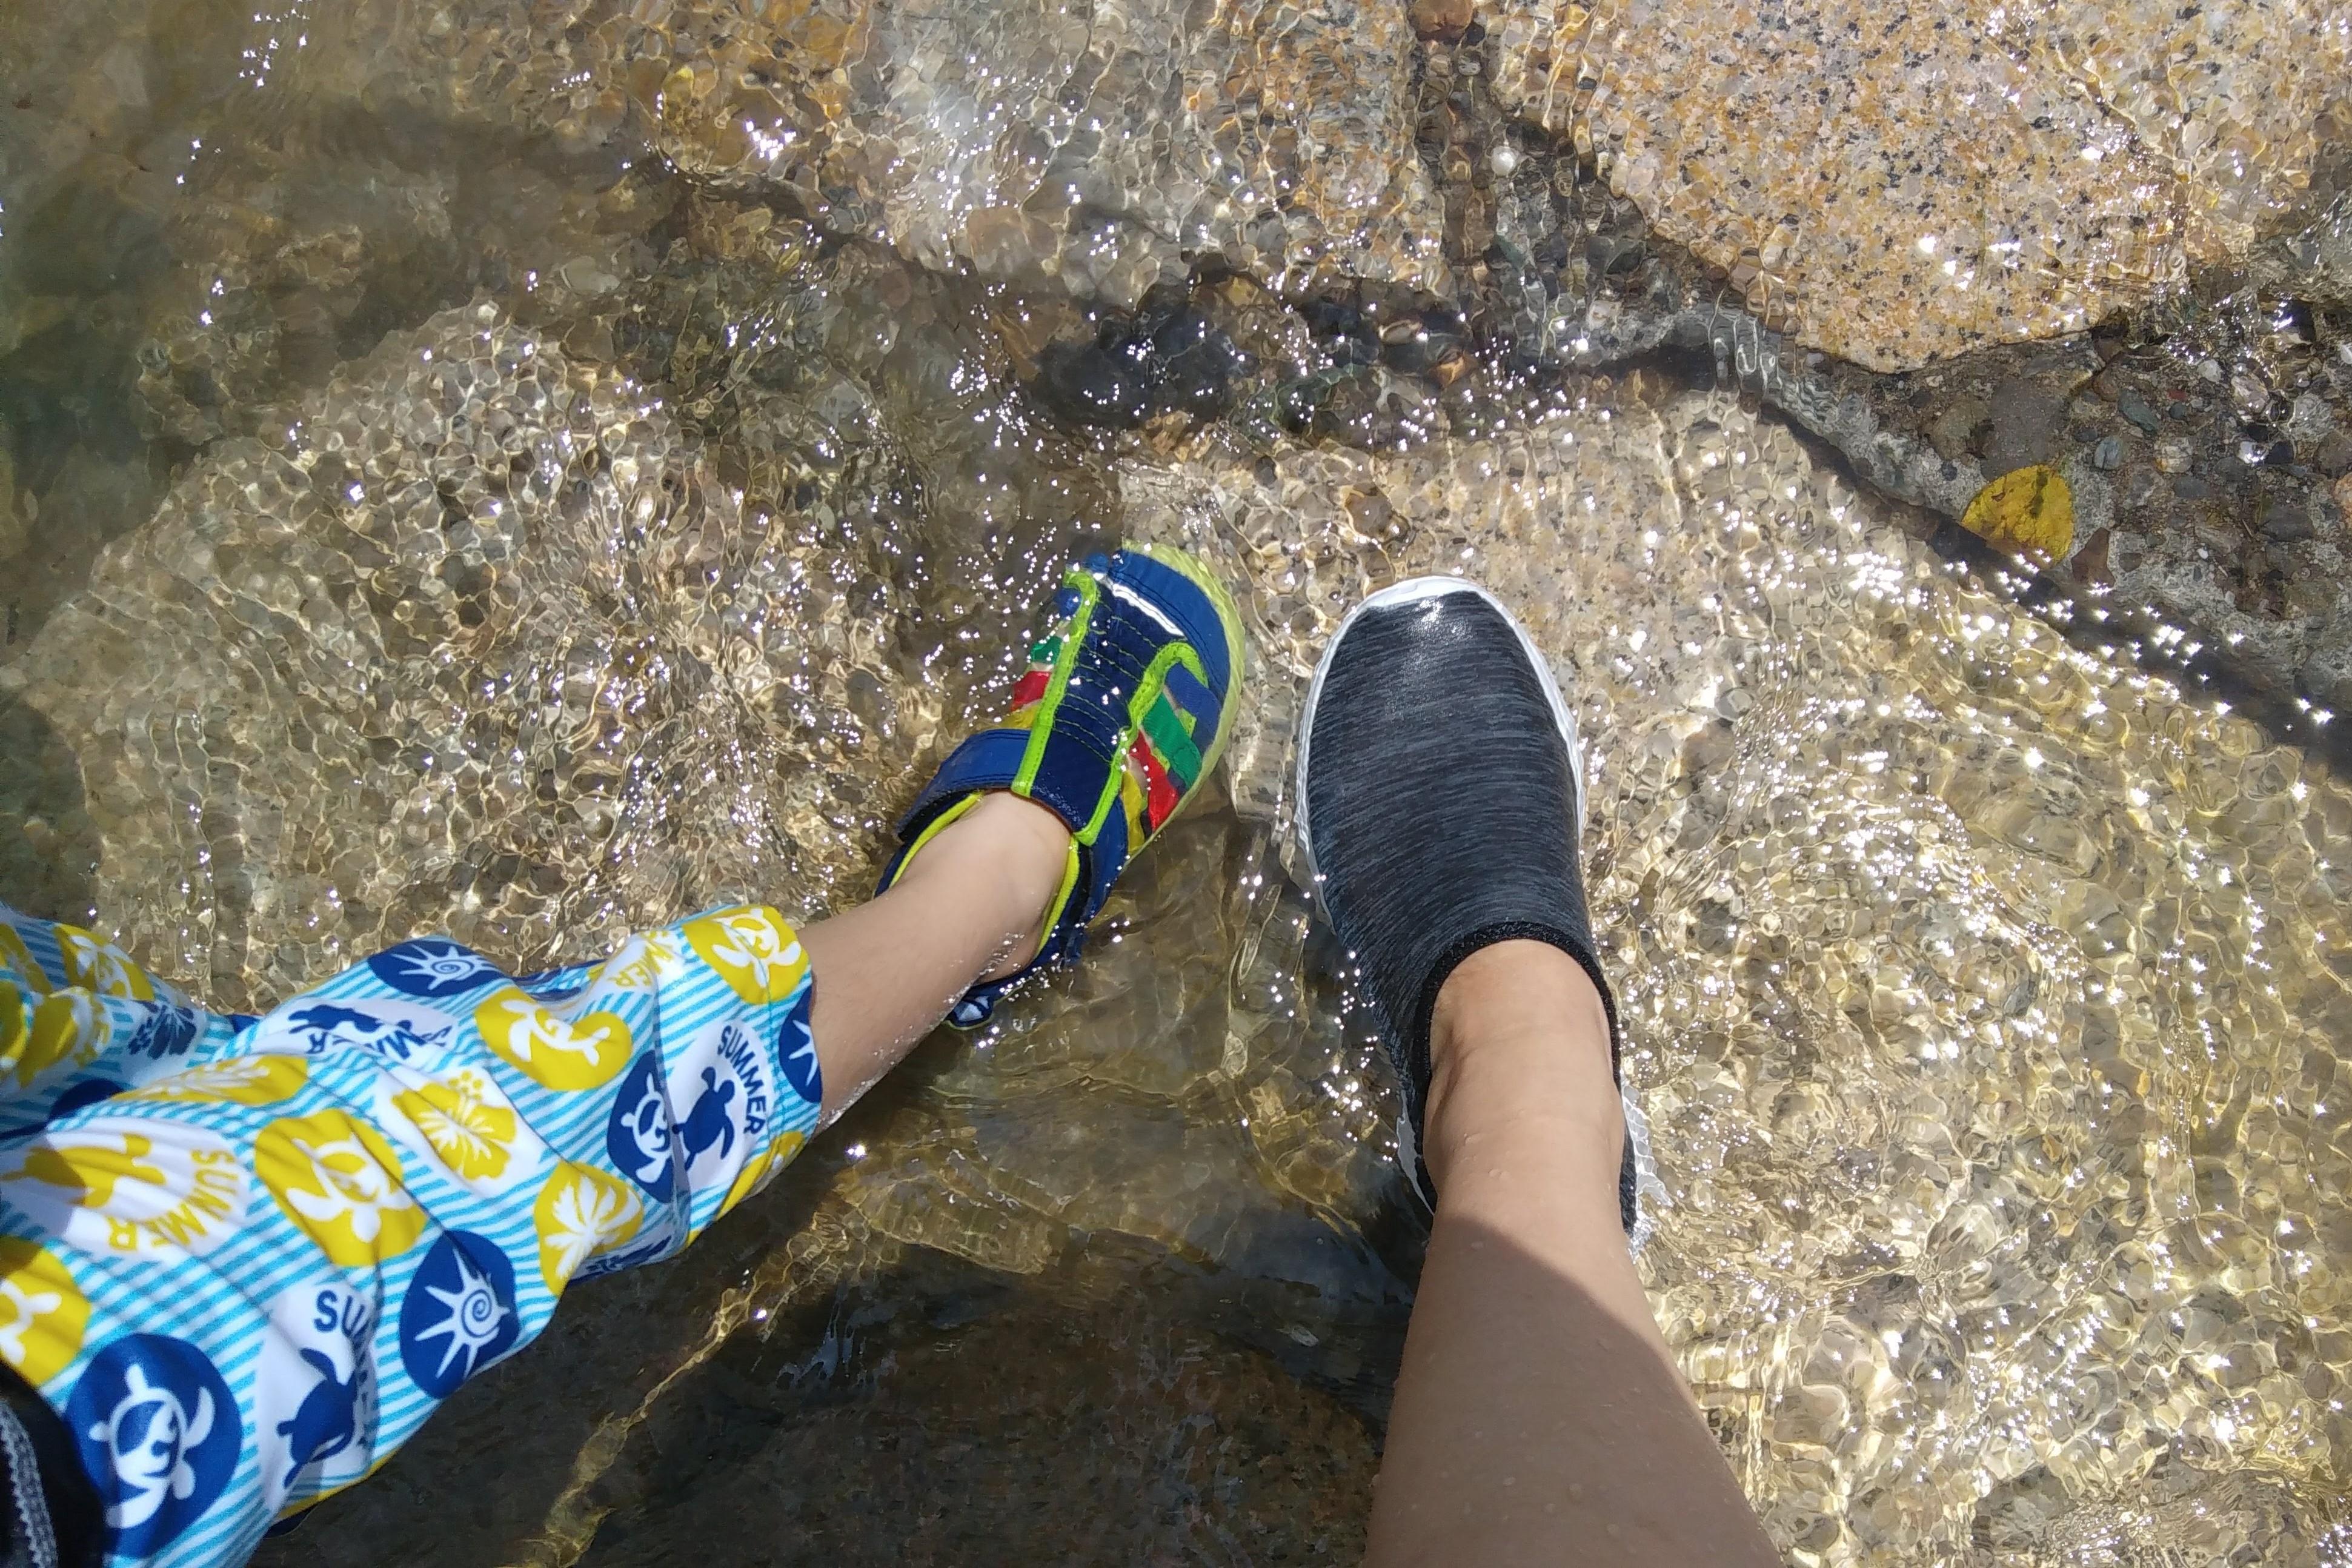 川遊びの子どもの持ち物とオススメグッズ☆川遊びの注意すべき点は?